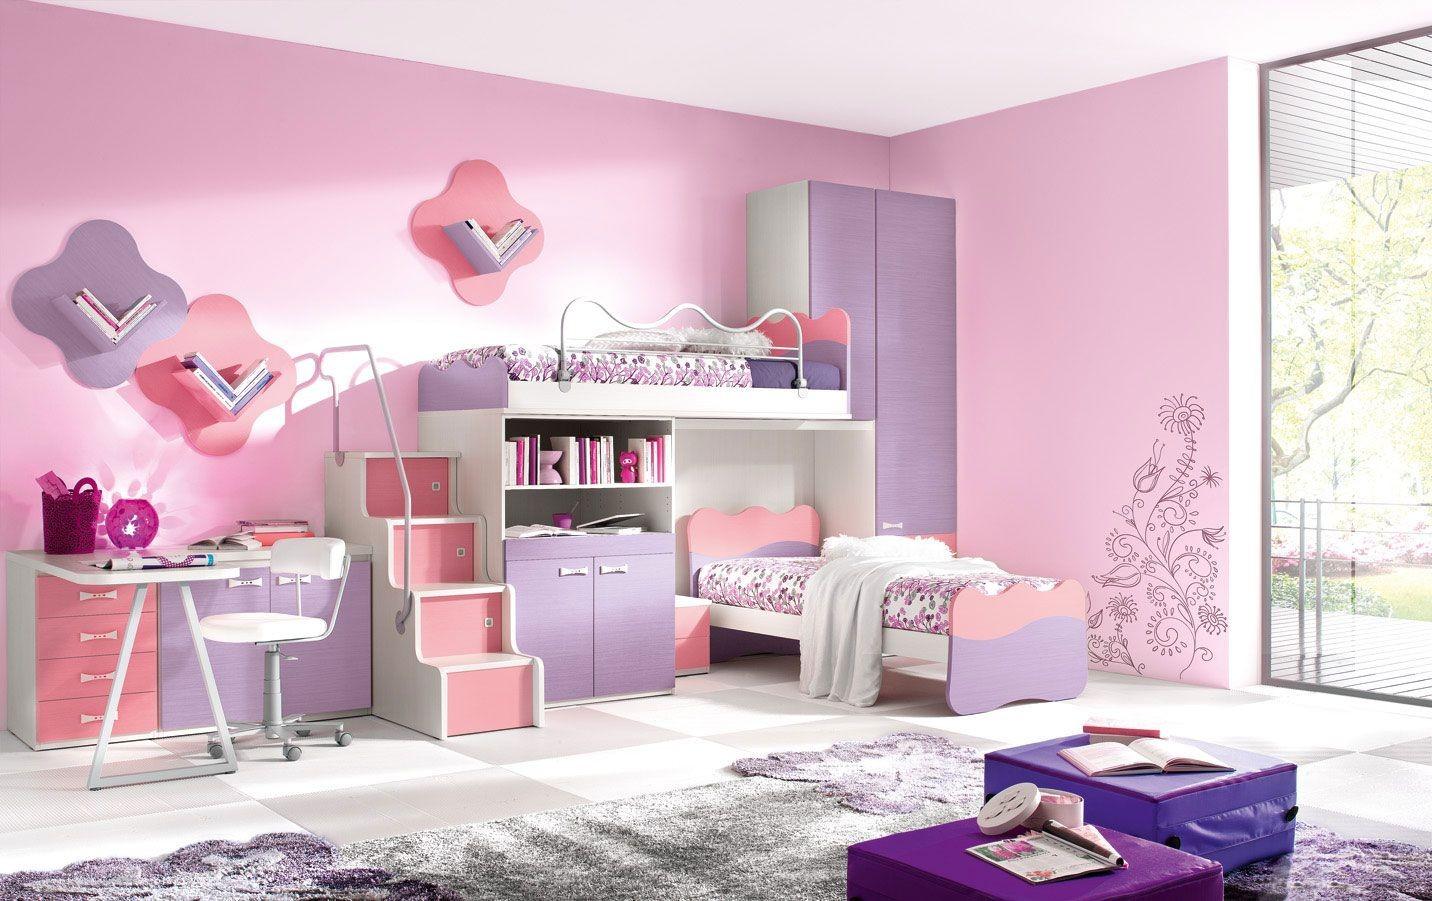 غرف نوم بنات باللون الزهري-غرفة وردي وموف